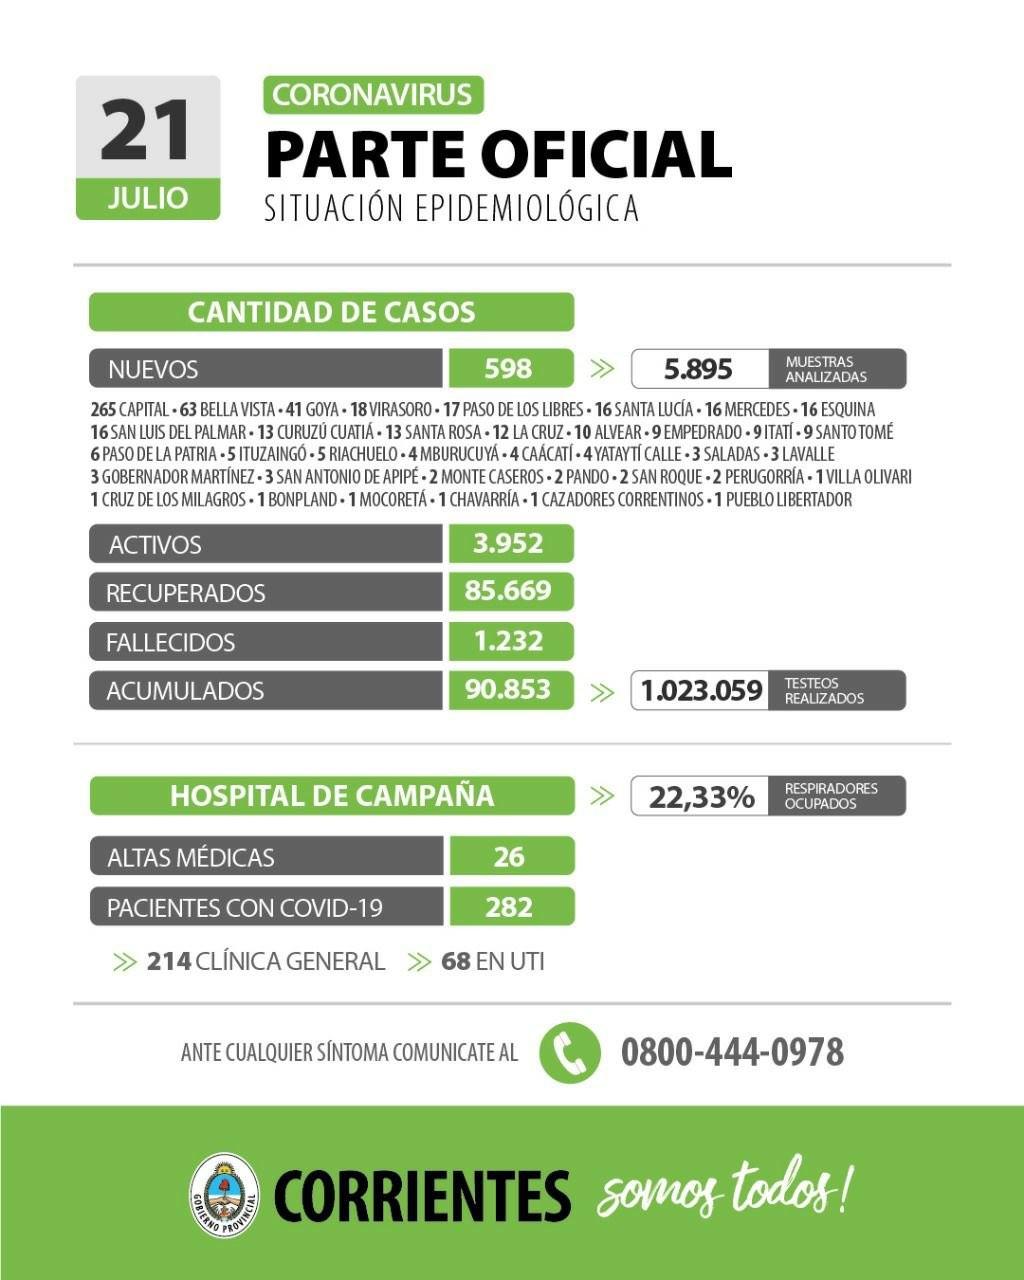 Informan 598 nuevos casos de coronavirus en Corrientes